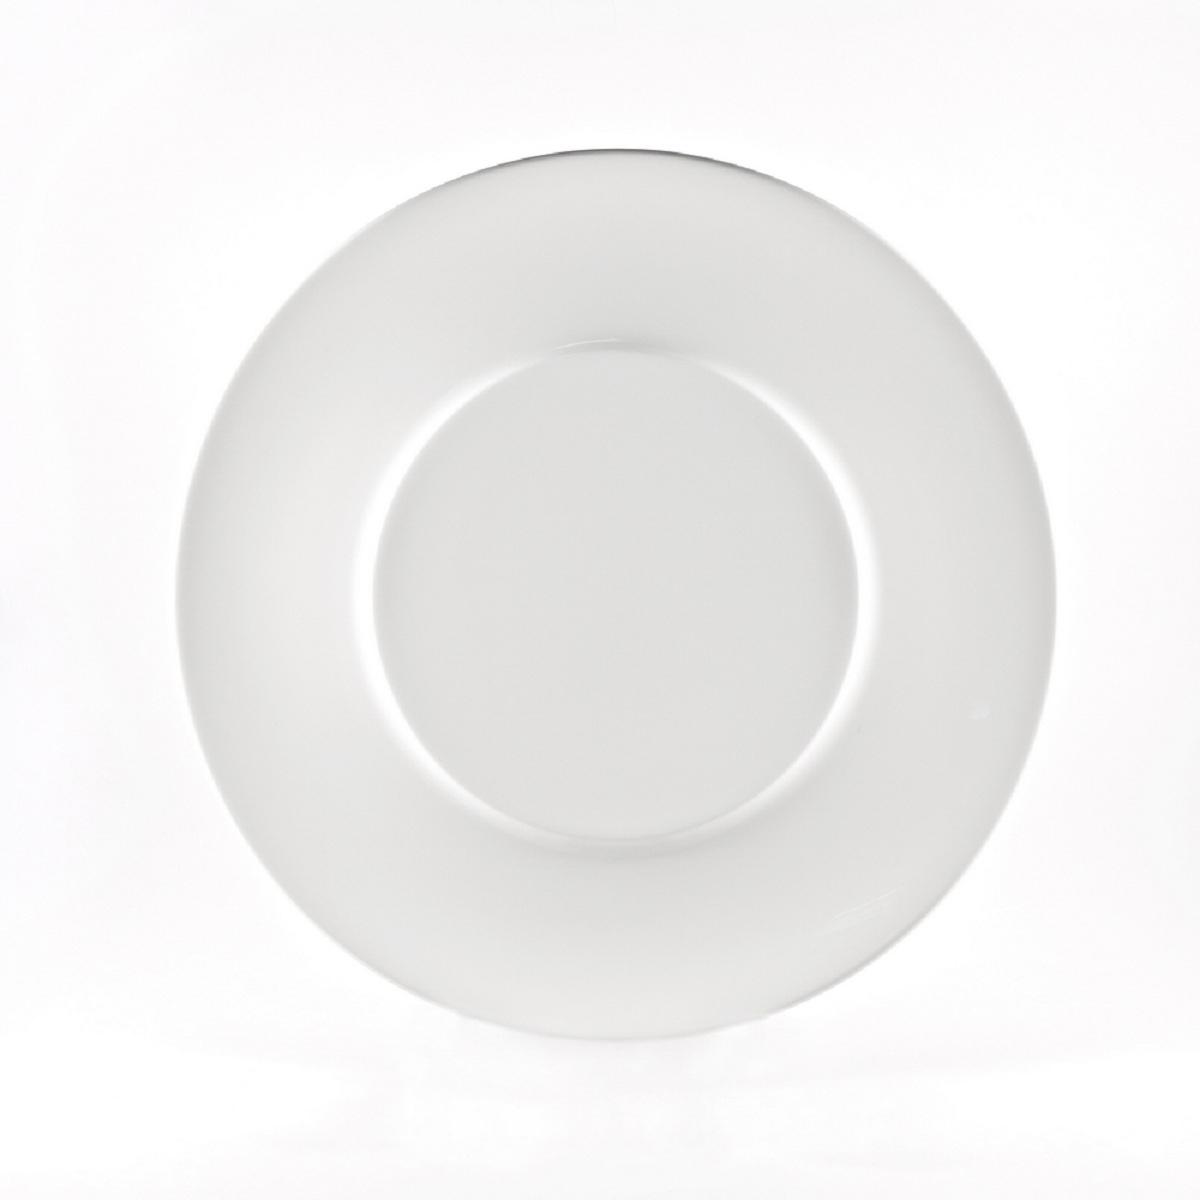 Тарелка Royal Porcelain Гонг, 19 смРП-8705ROYAL новый уникальный продукт на рынке фарфора производится из материала, в состав которого входит алюминиум (глинозем) в виде порошка, что придаёт фарфору уникальные свойства: белоснежный цвет, как на поверхности, так и на изломе, более тонкие и изящные формы, так как добавление металла делает фарфоровую массу более пластичной, устойчивость к сколам и царапинам. Возможный перепад температур при эксплуатации до 200 градусов! Фарфор покрывается глазурью, что характеризует эту посуду как продукт высшего класса. Идеально подходит для использования в микроволновой печи и посудомоечной машине